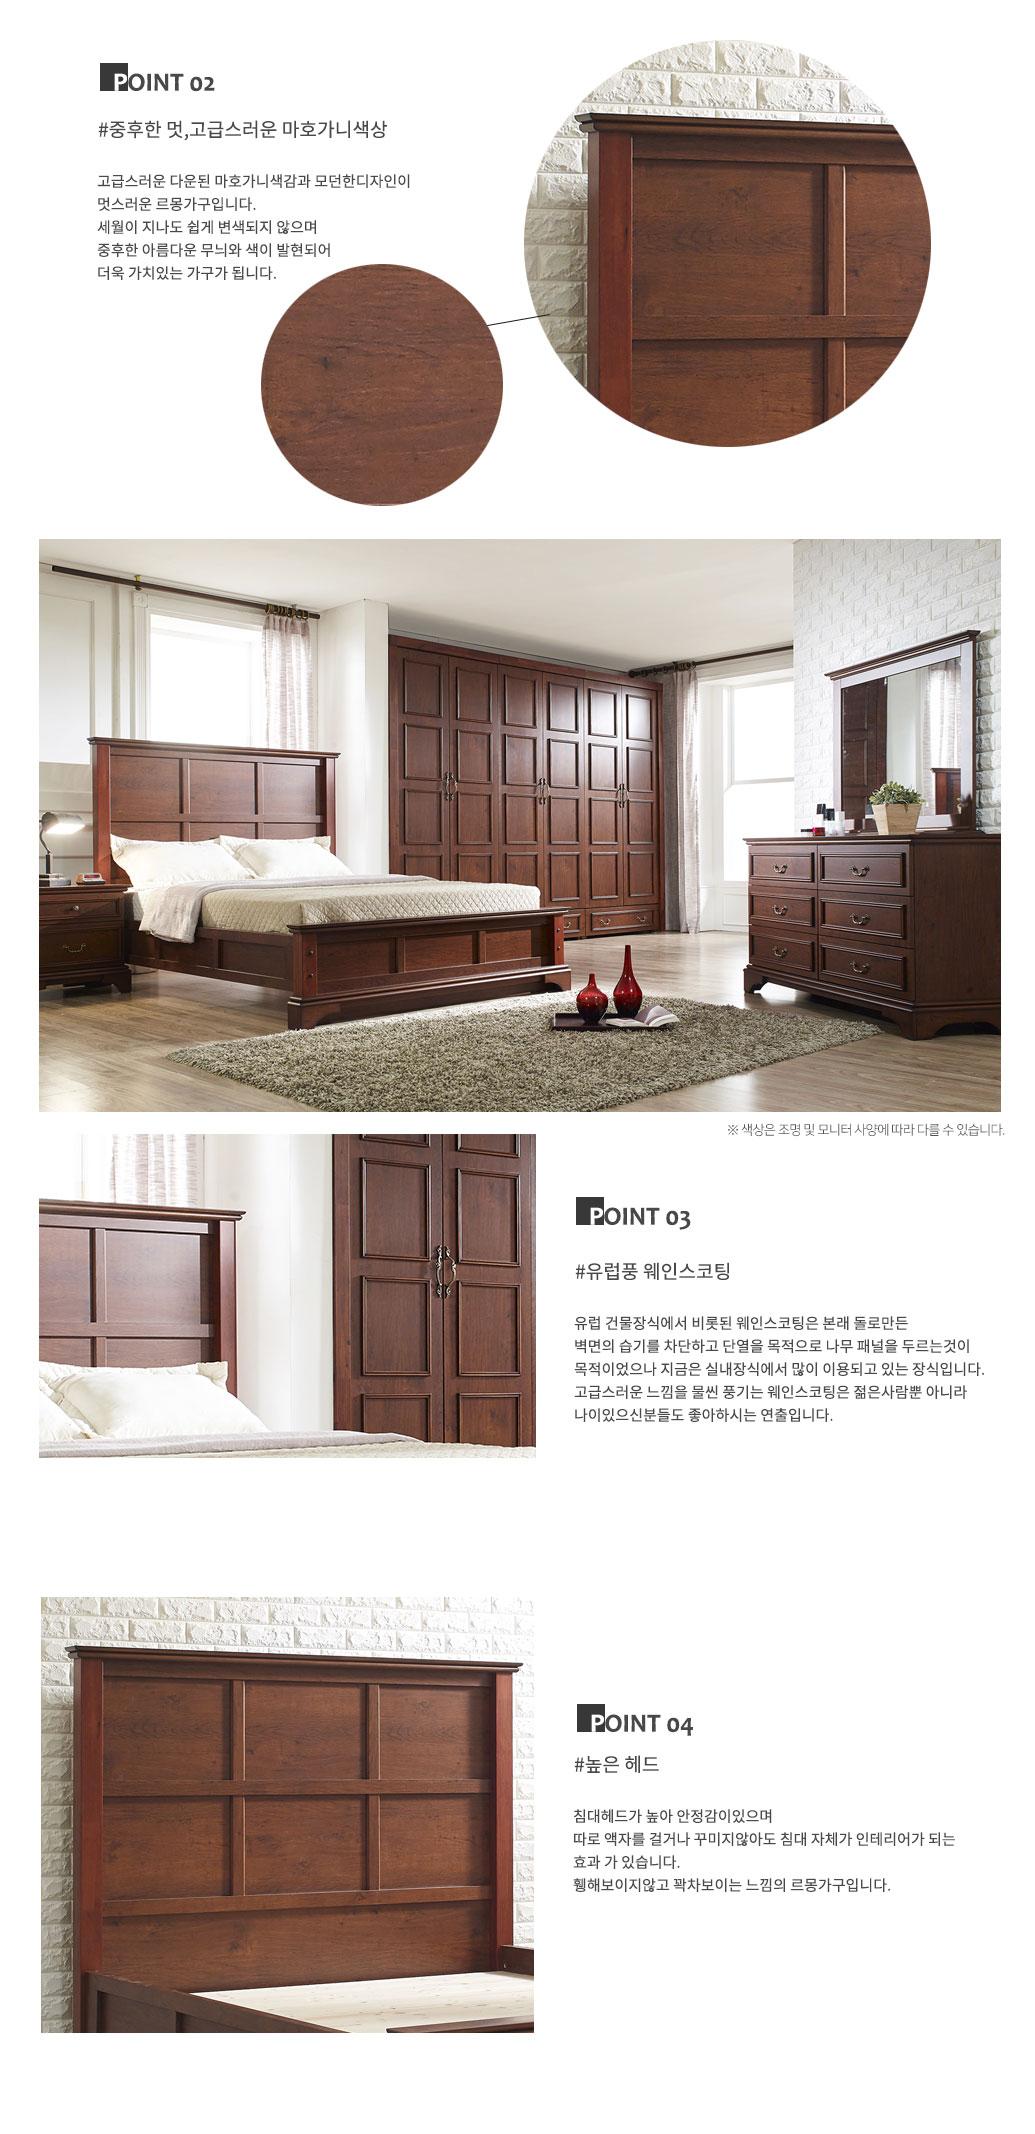 lemong_bed_04.jpg